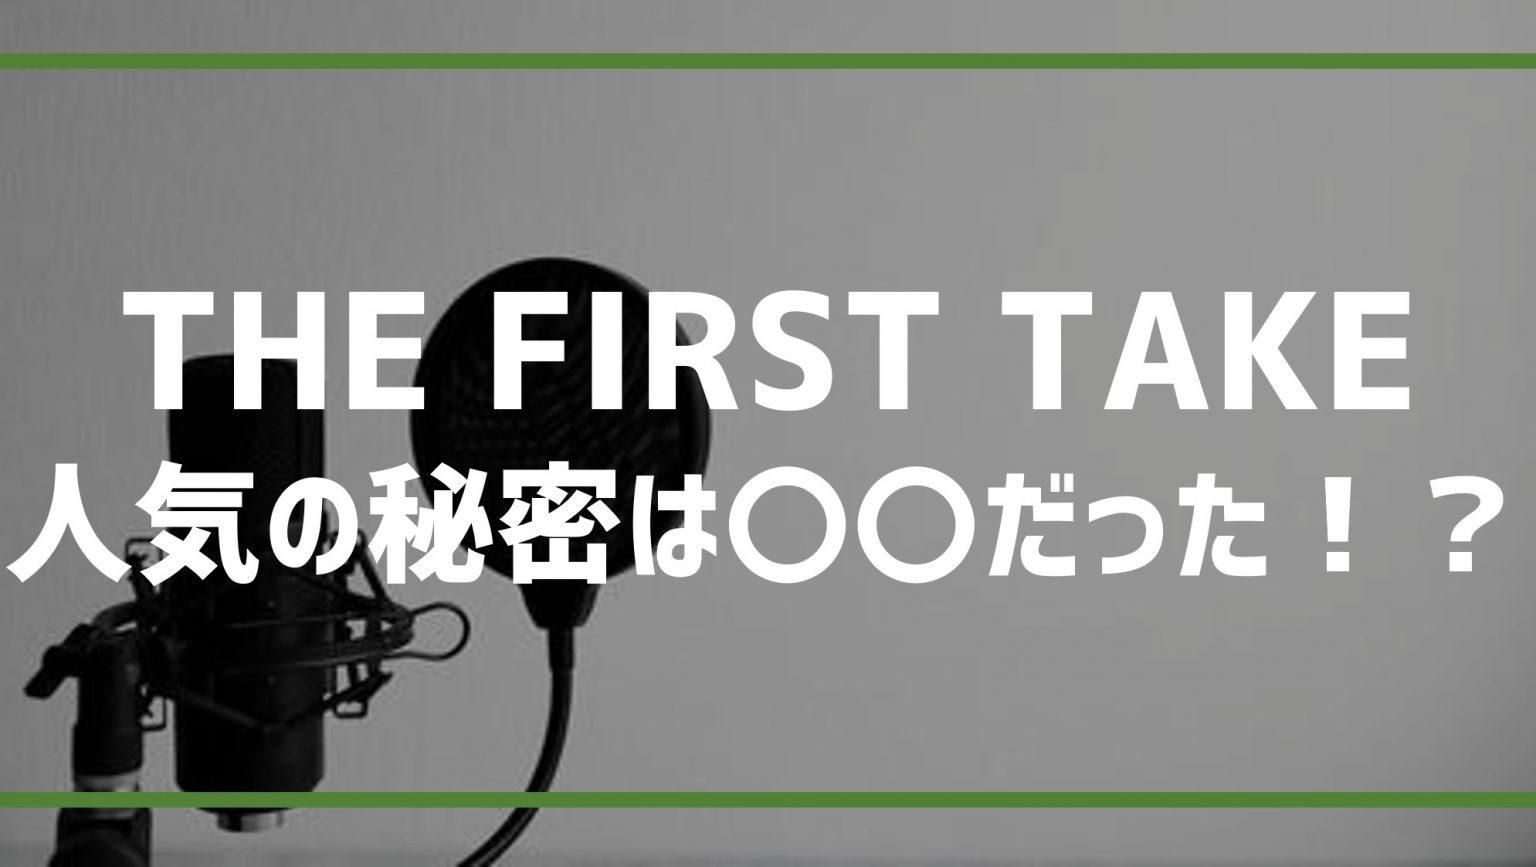 THE FIRST TAKEが爆発的人気になったのは〇〇だから!?